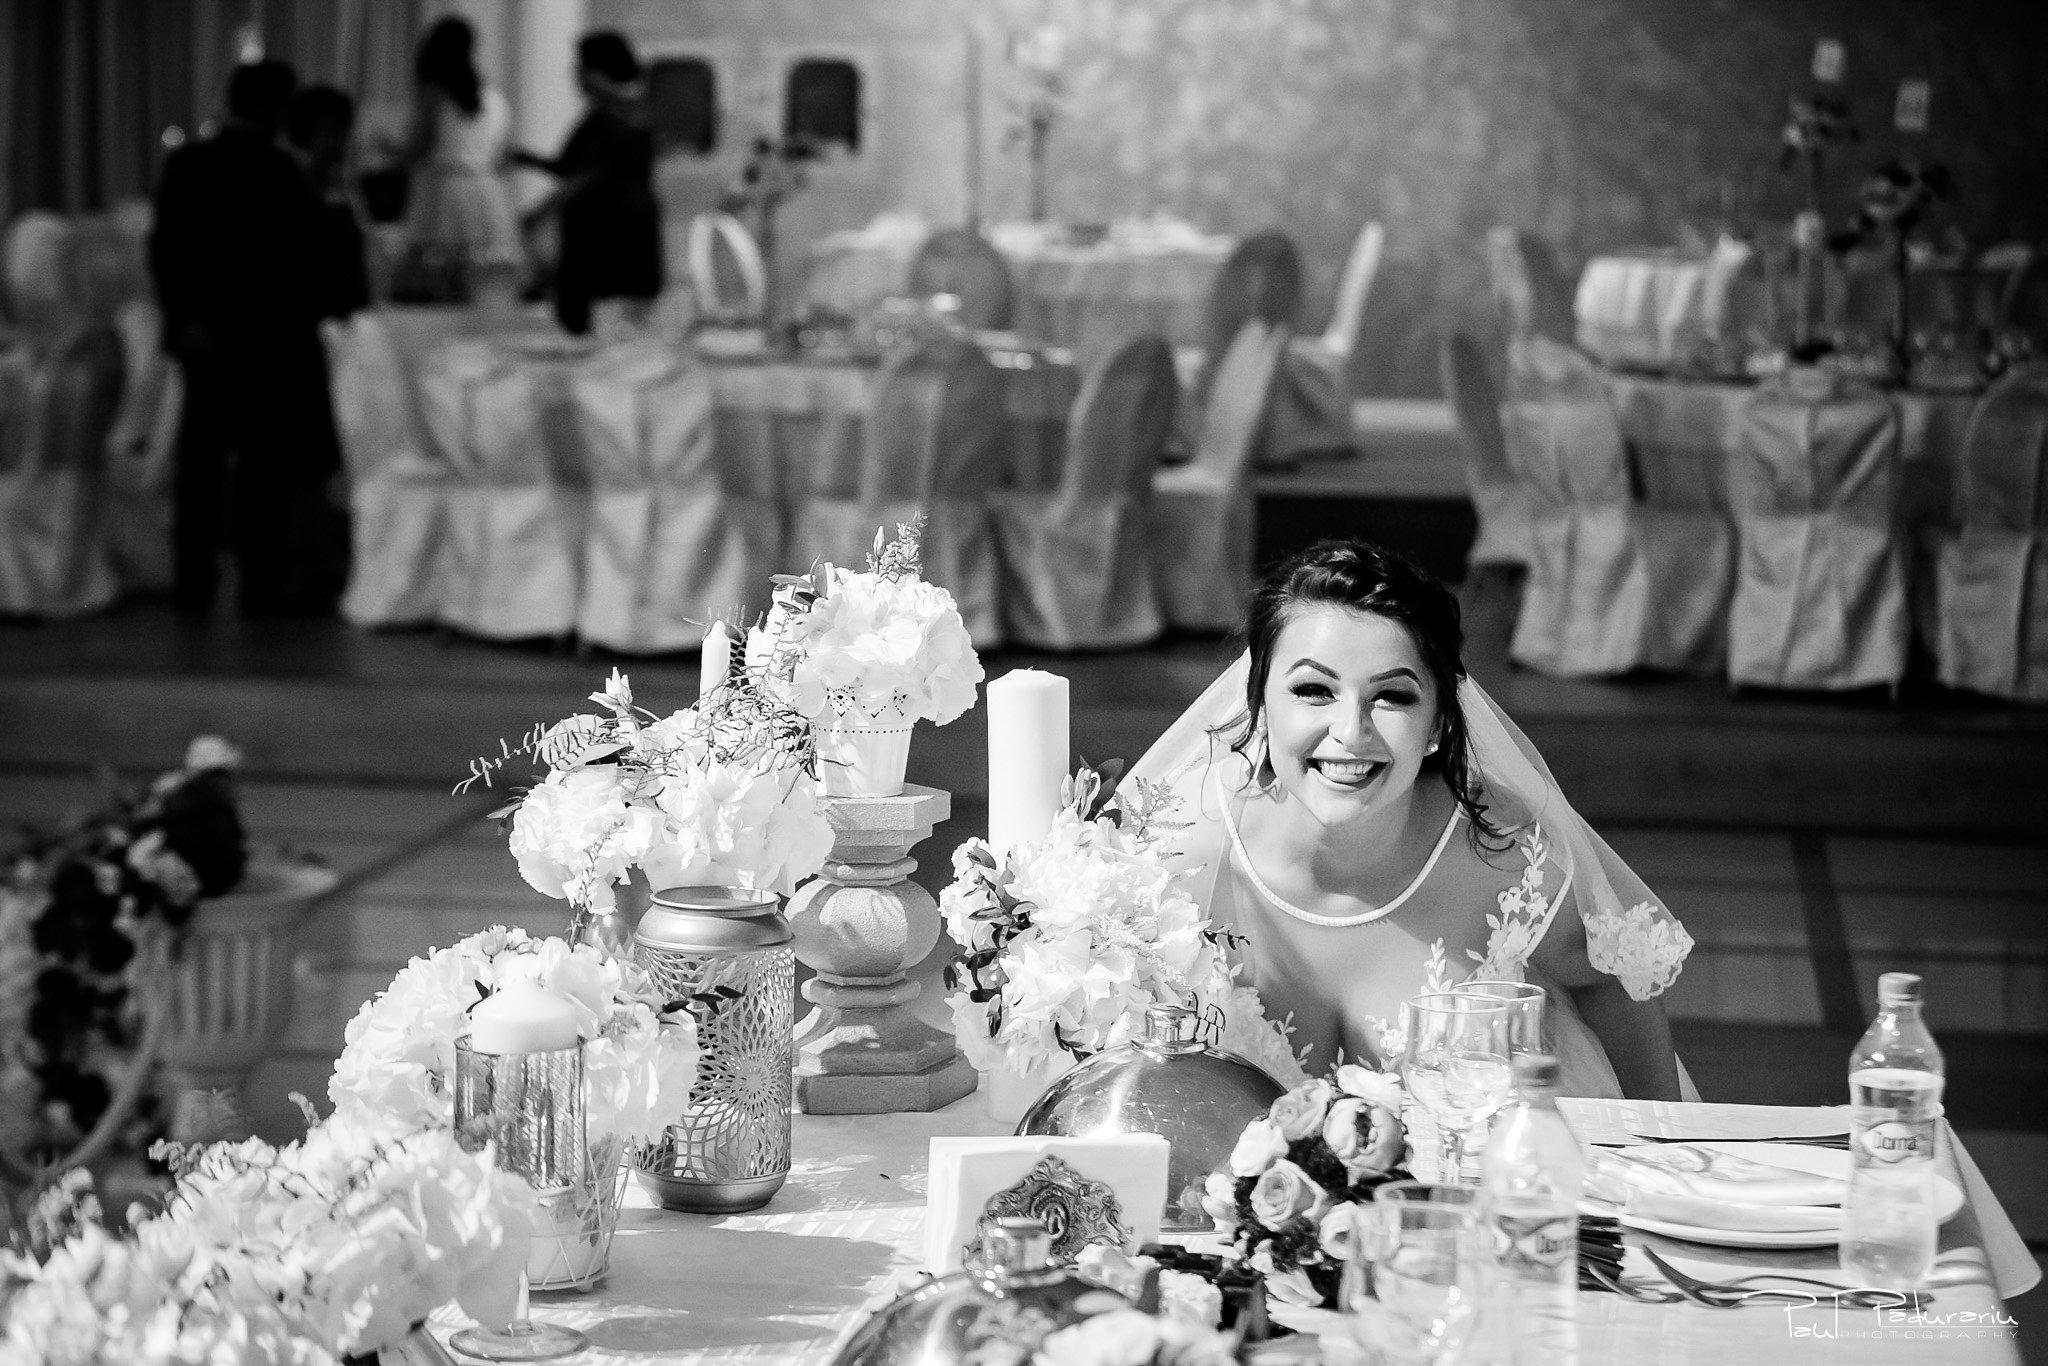 Ana-Maria și Marius nunta La Castel Iasi fotograf profesionist www.paulpadurariu.ro © 2018 Paul Padurariu 1